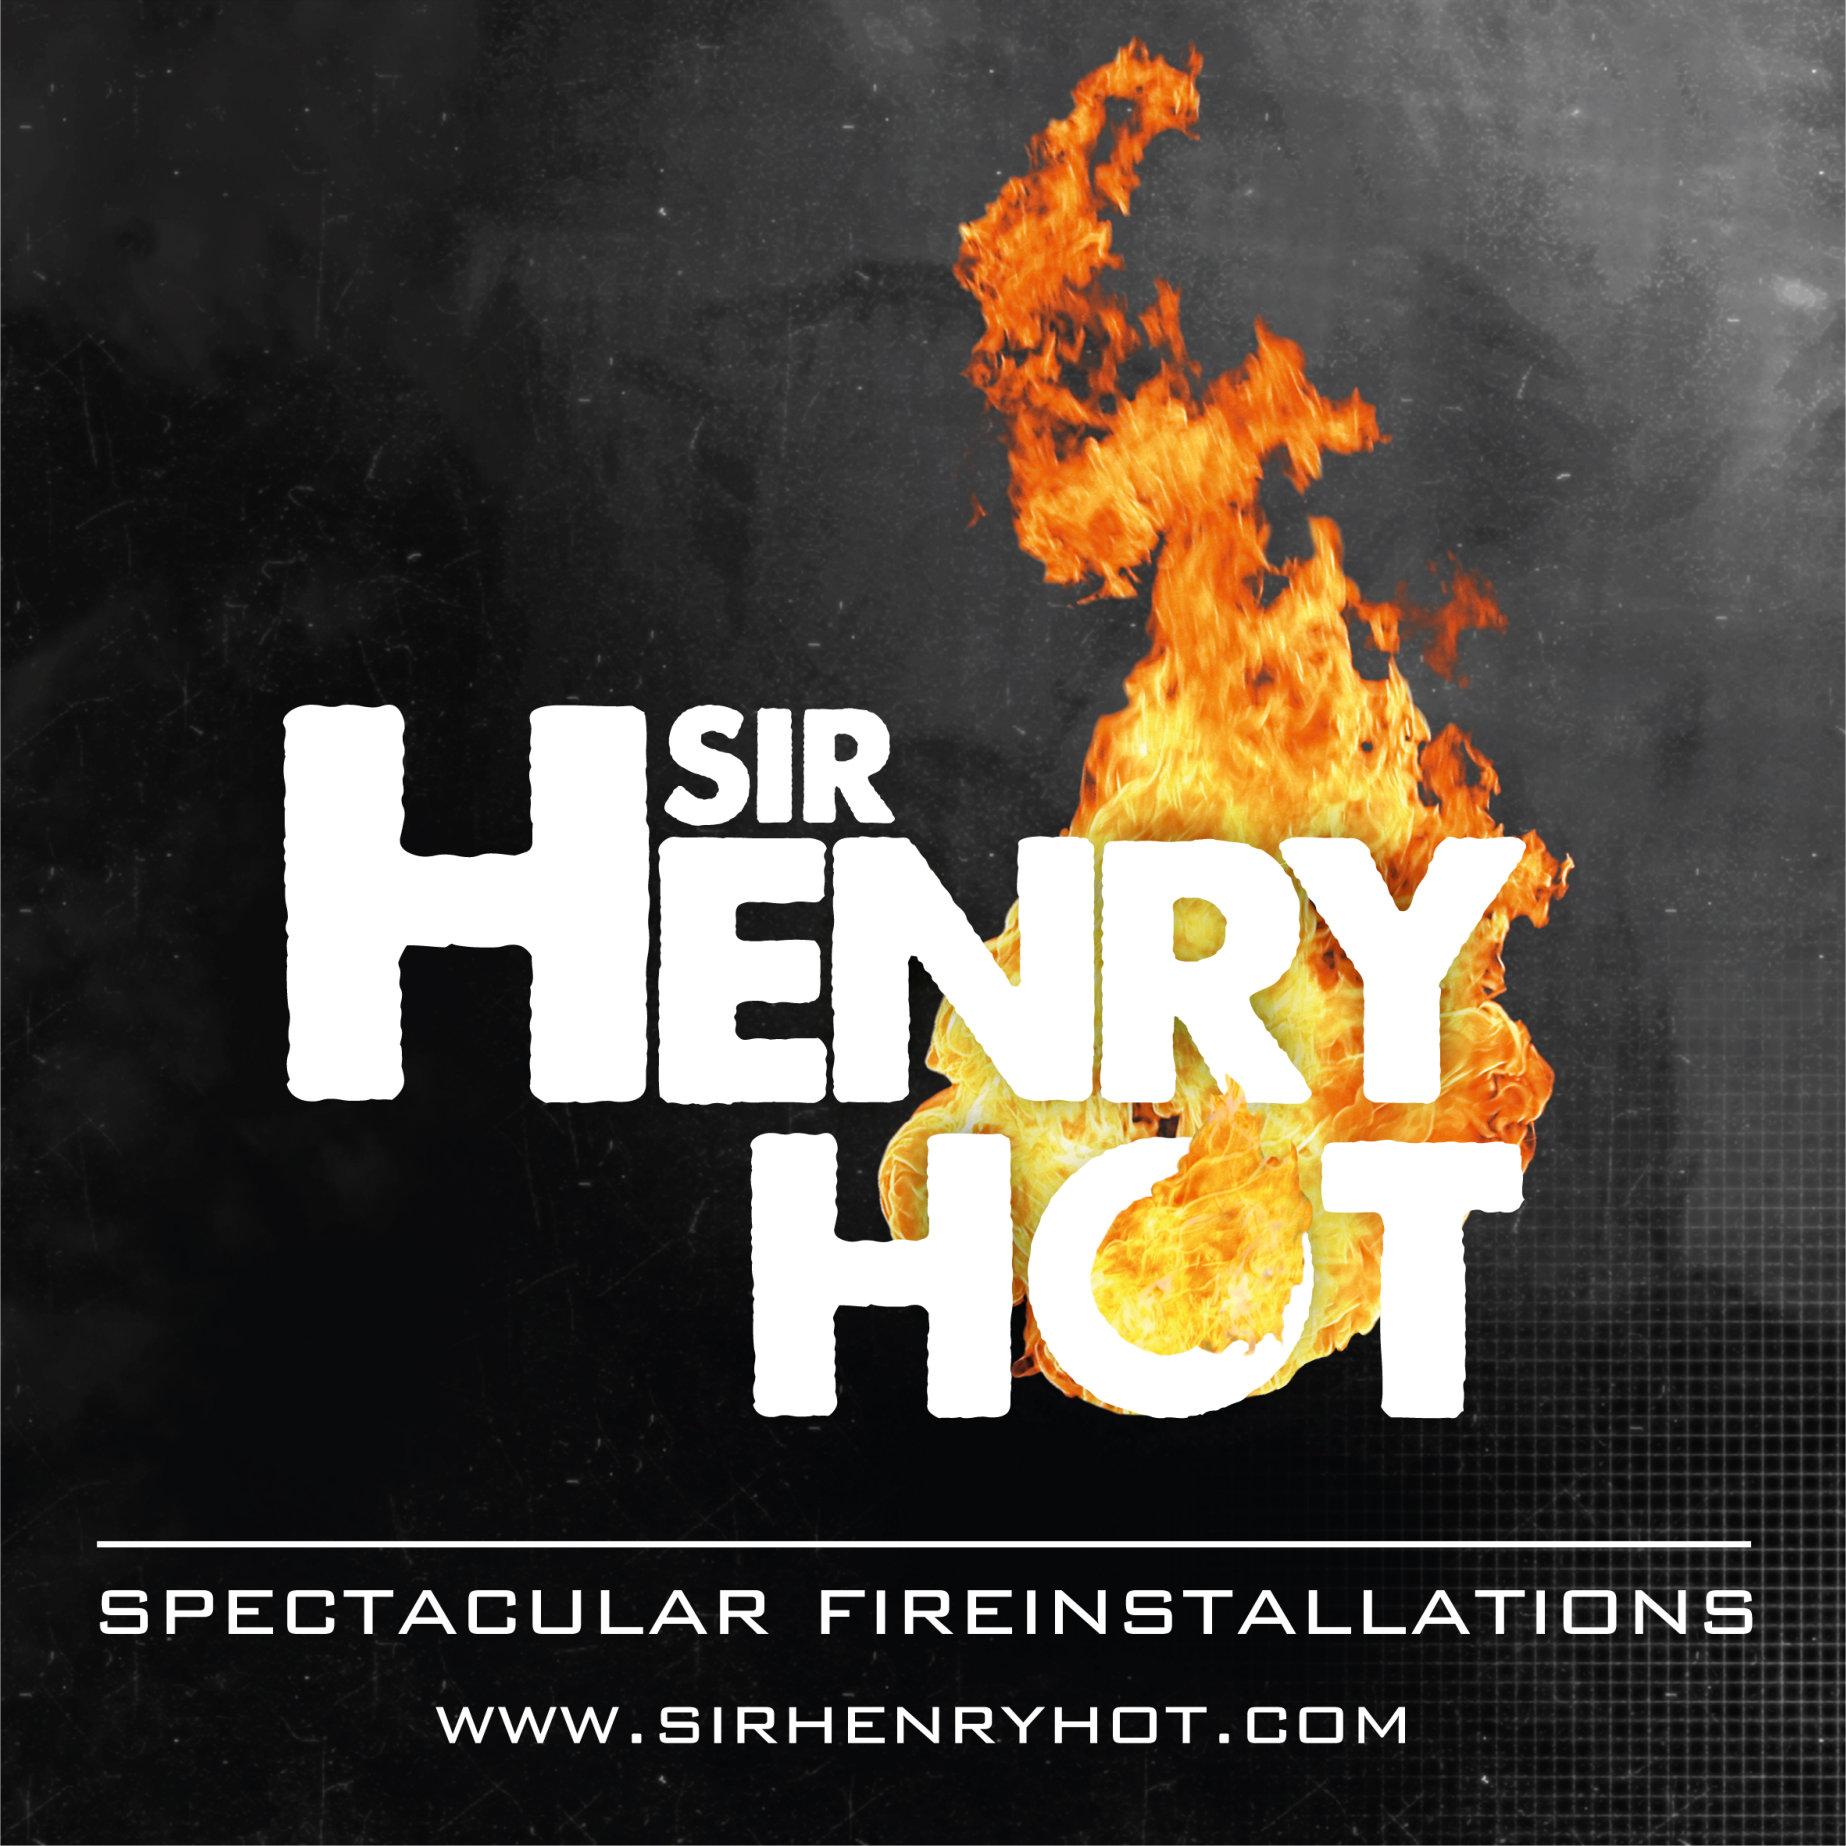 Sir Henry Hot Spectacular Fireinstallations